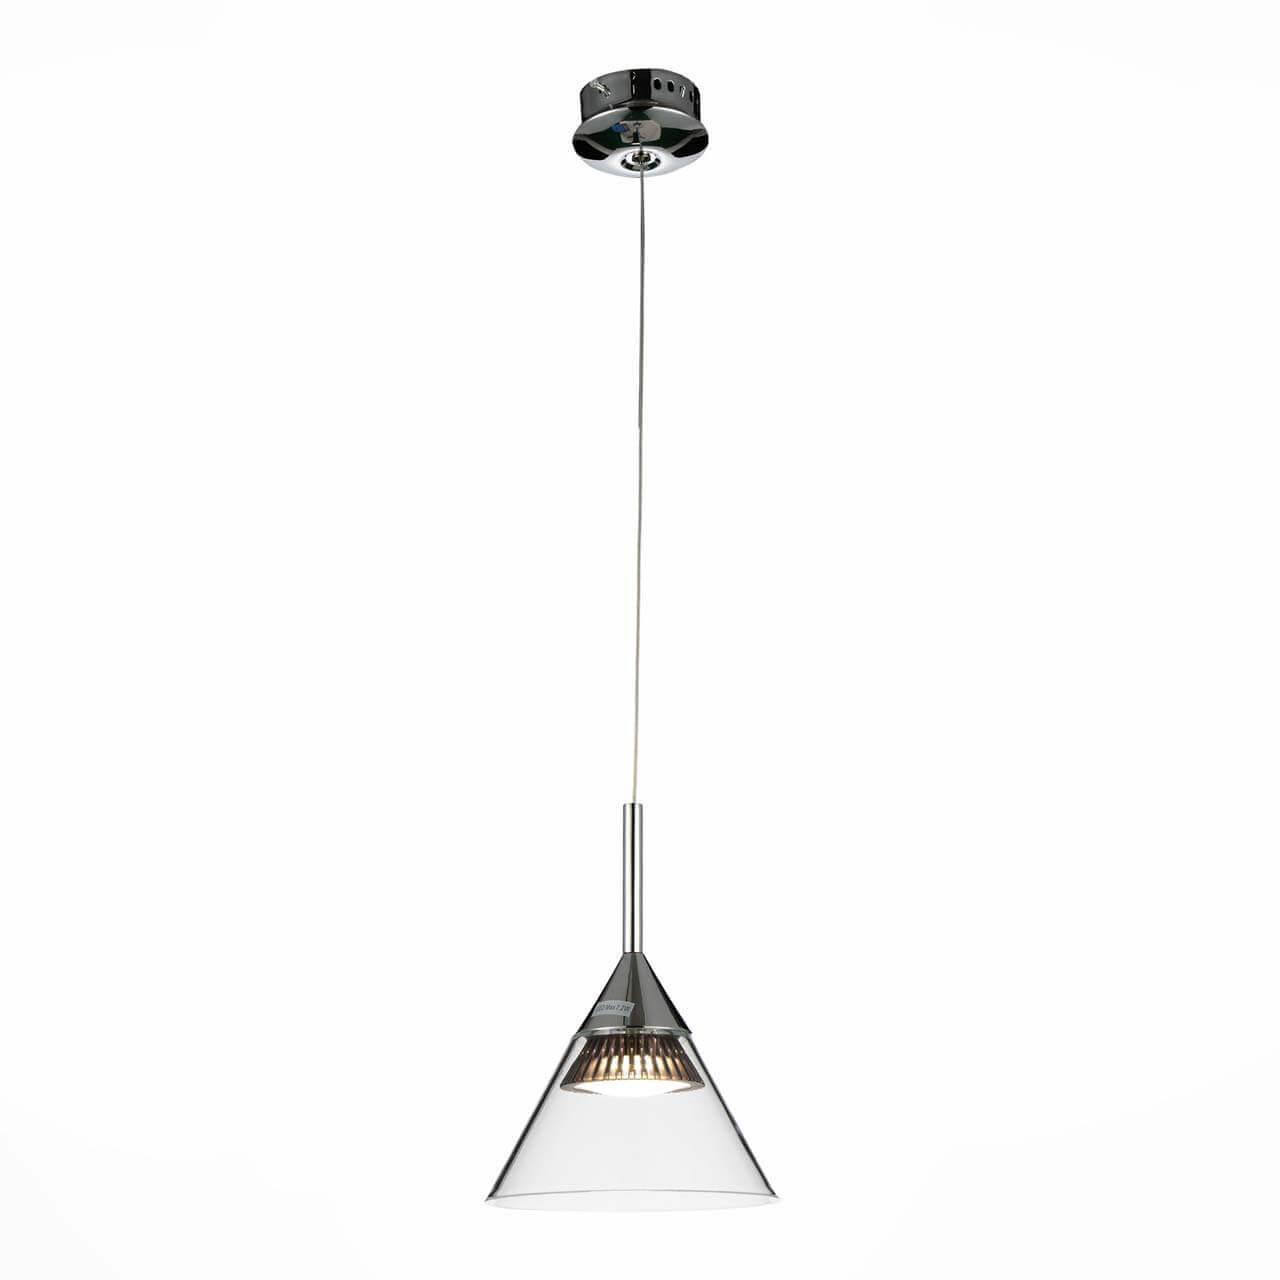 Подвесной светодиодный светильник ST Luce SL930.103.01 подвесной светодиодный светильник st luce sl930 103 01